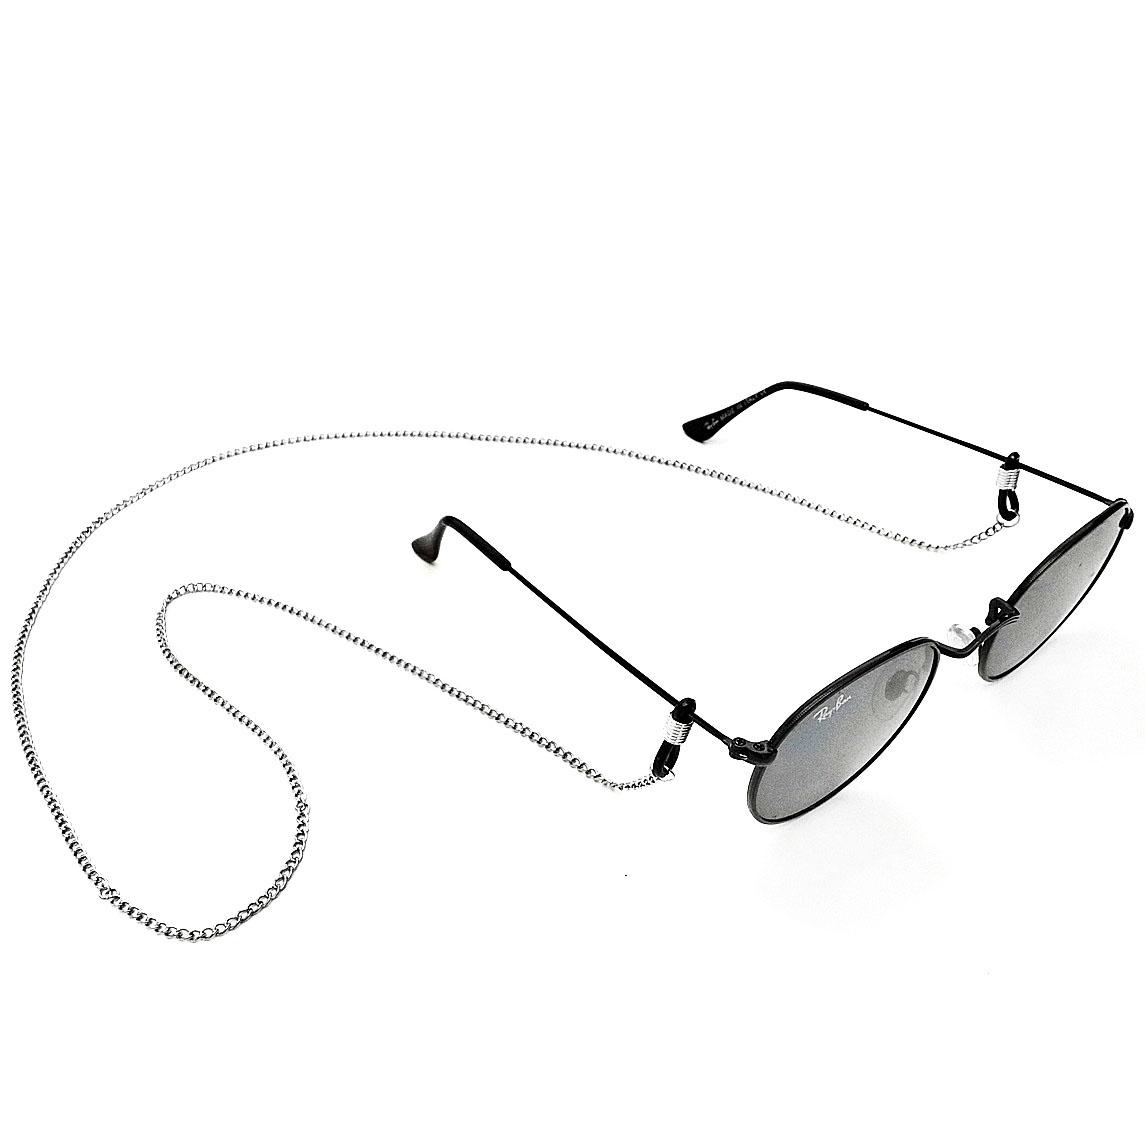 Corrente de óculos Salva Óculos Corrente de metal Cinza 80cm Elo020 Fina